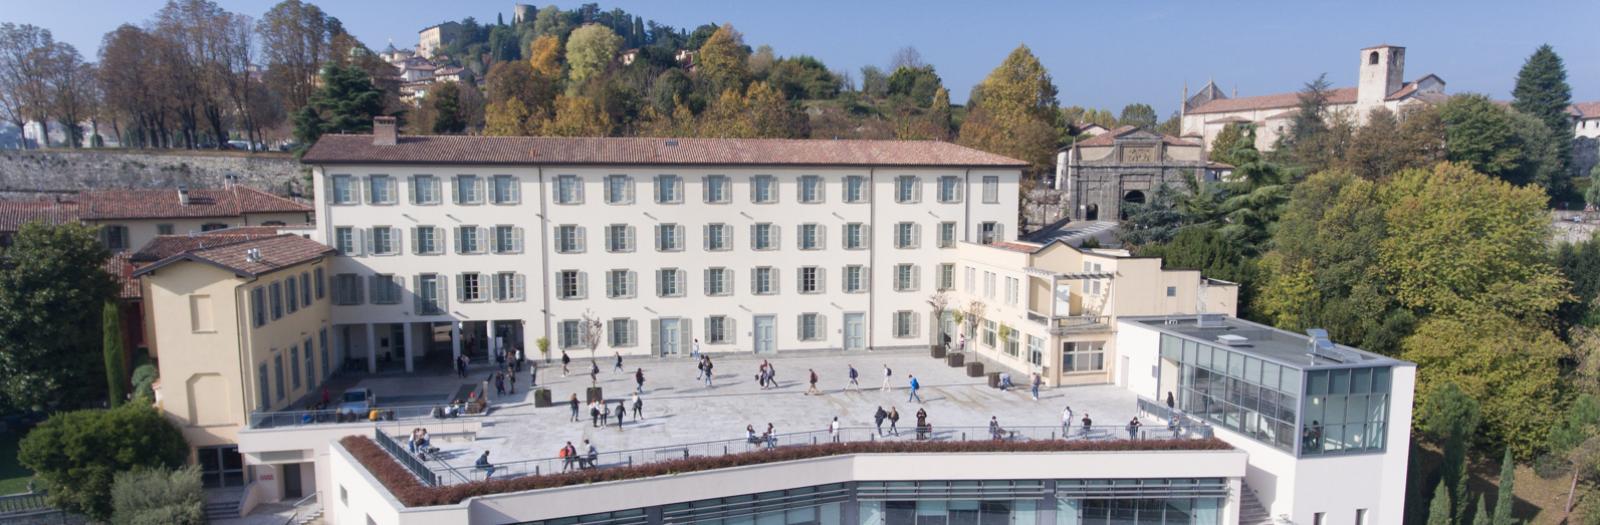 Sedi di Pignolo e Sant'Agostino viste dal drone